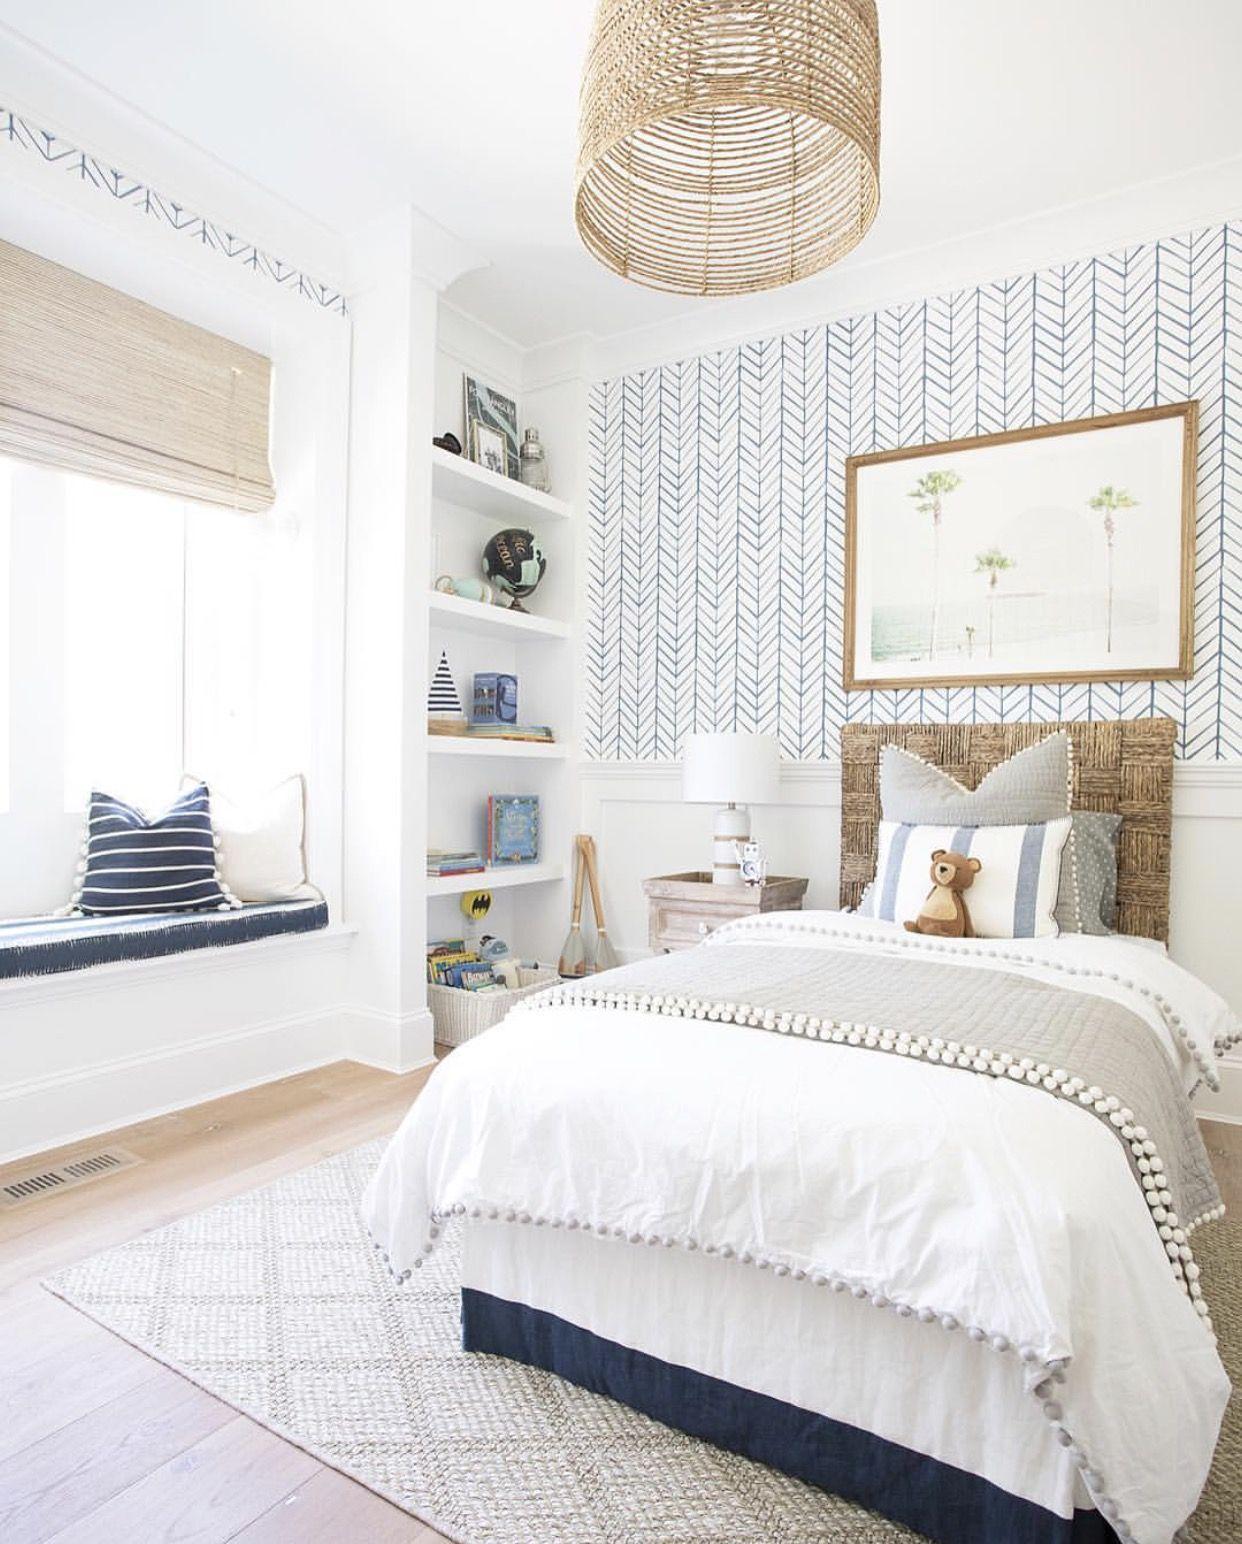 Phòng ngủ nhỏ với giường đơn